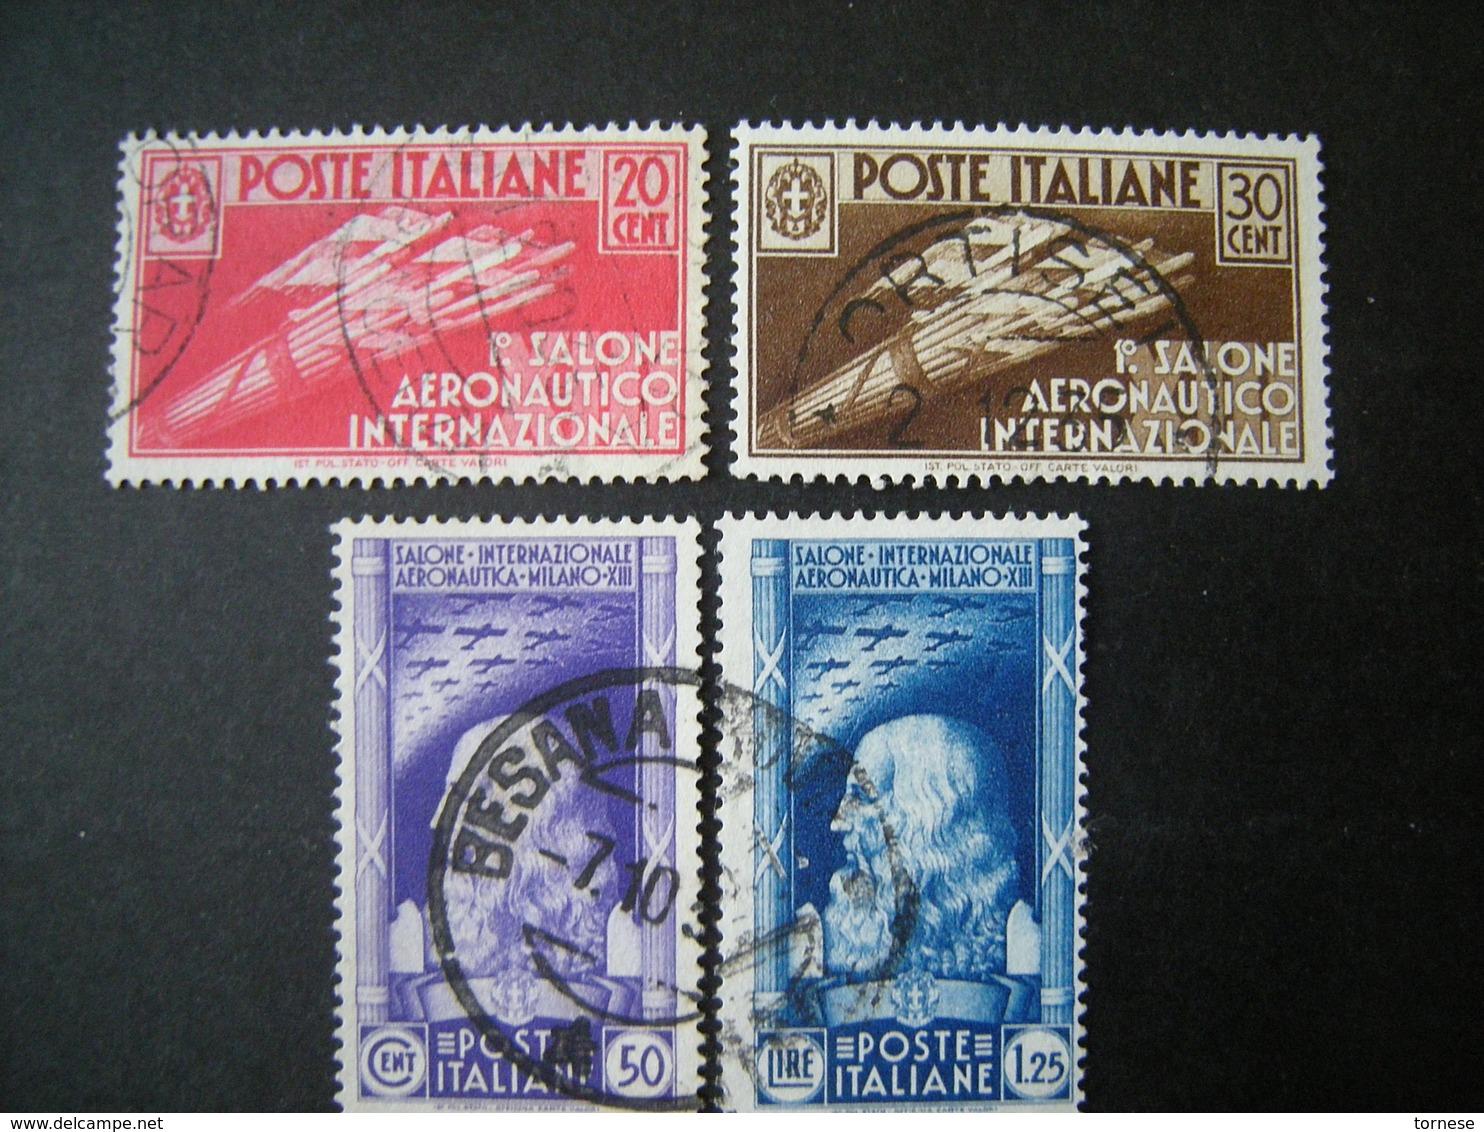 1935 - SALONE AERONAUTICO, Serie Compl. Usata , 4 Val. TTB,  OCCASIONE - Usati